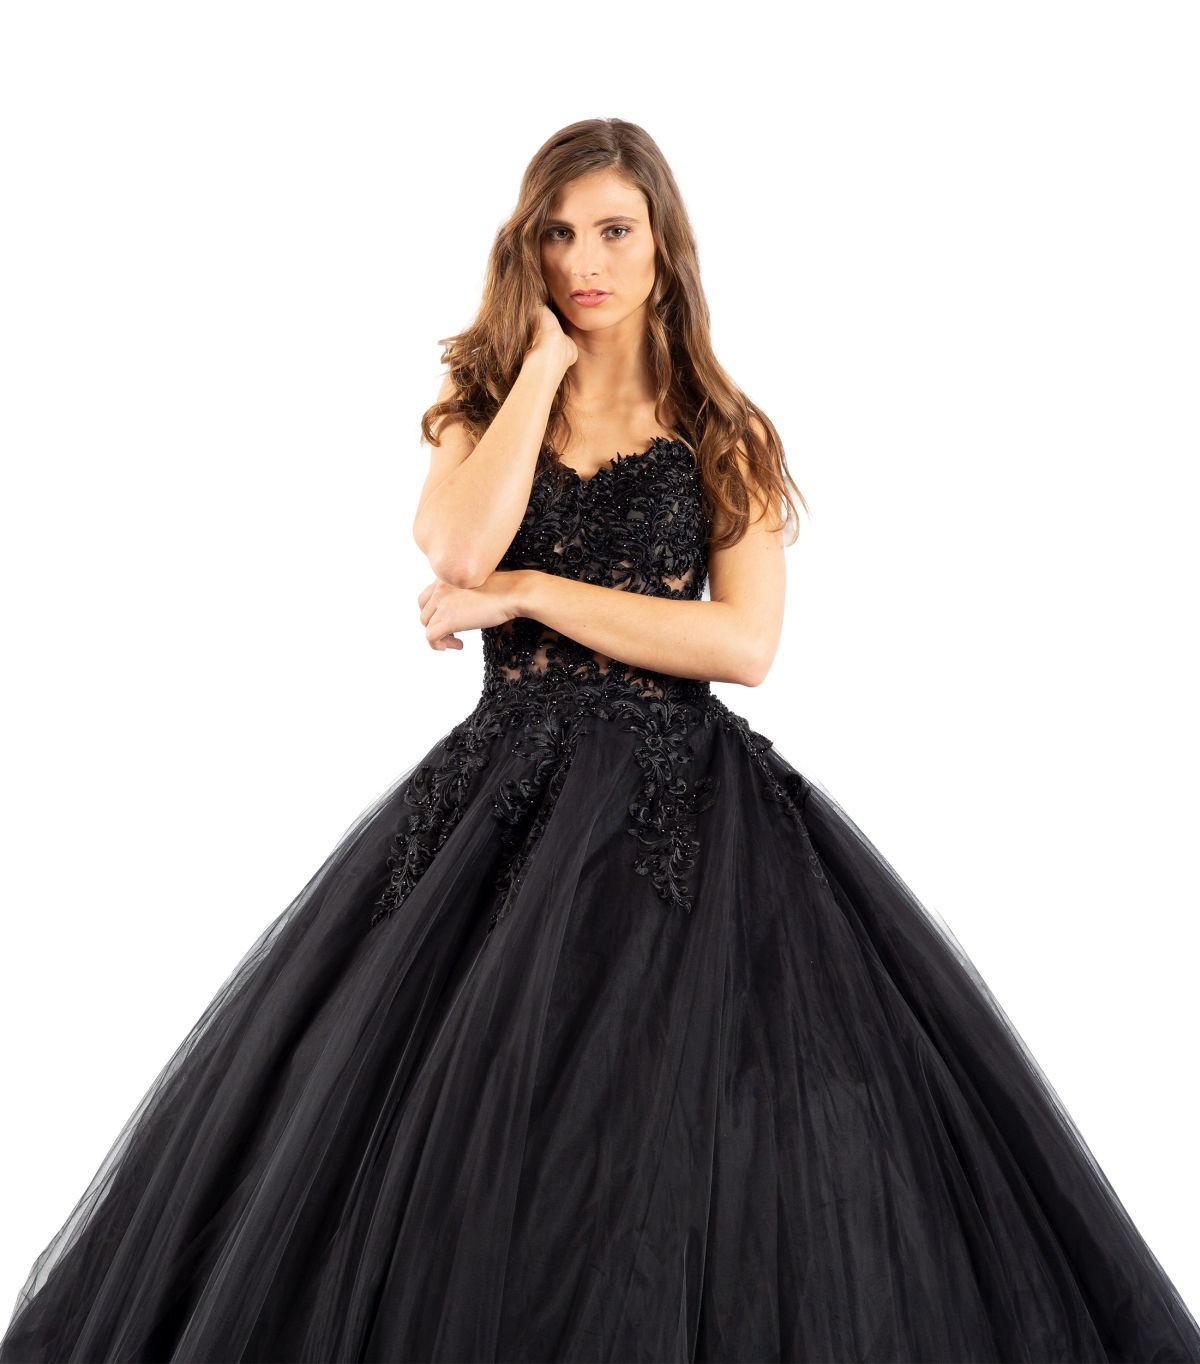 Olga schwarzes Brautkleid detailansicht